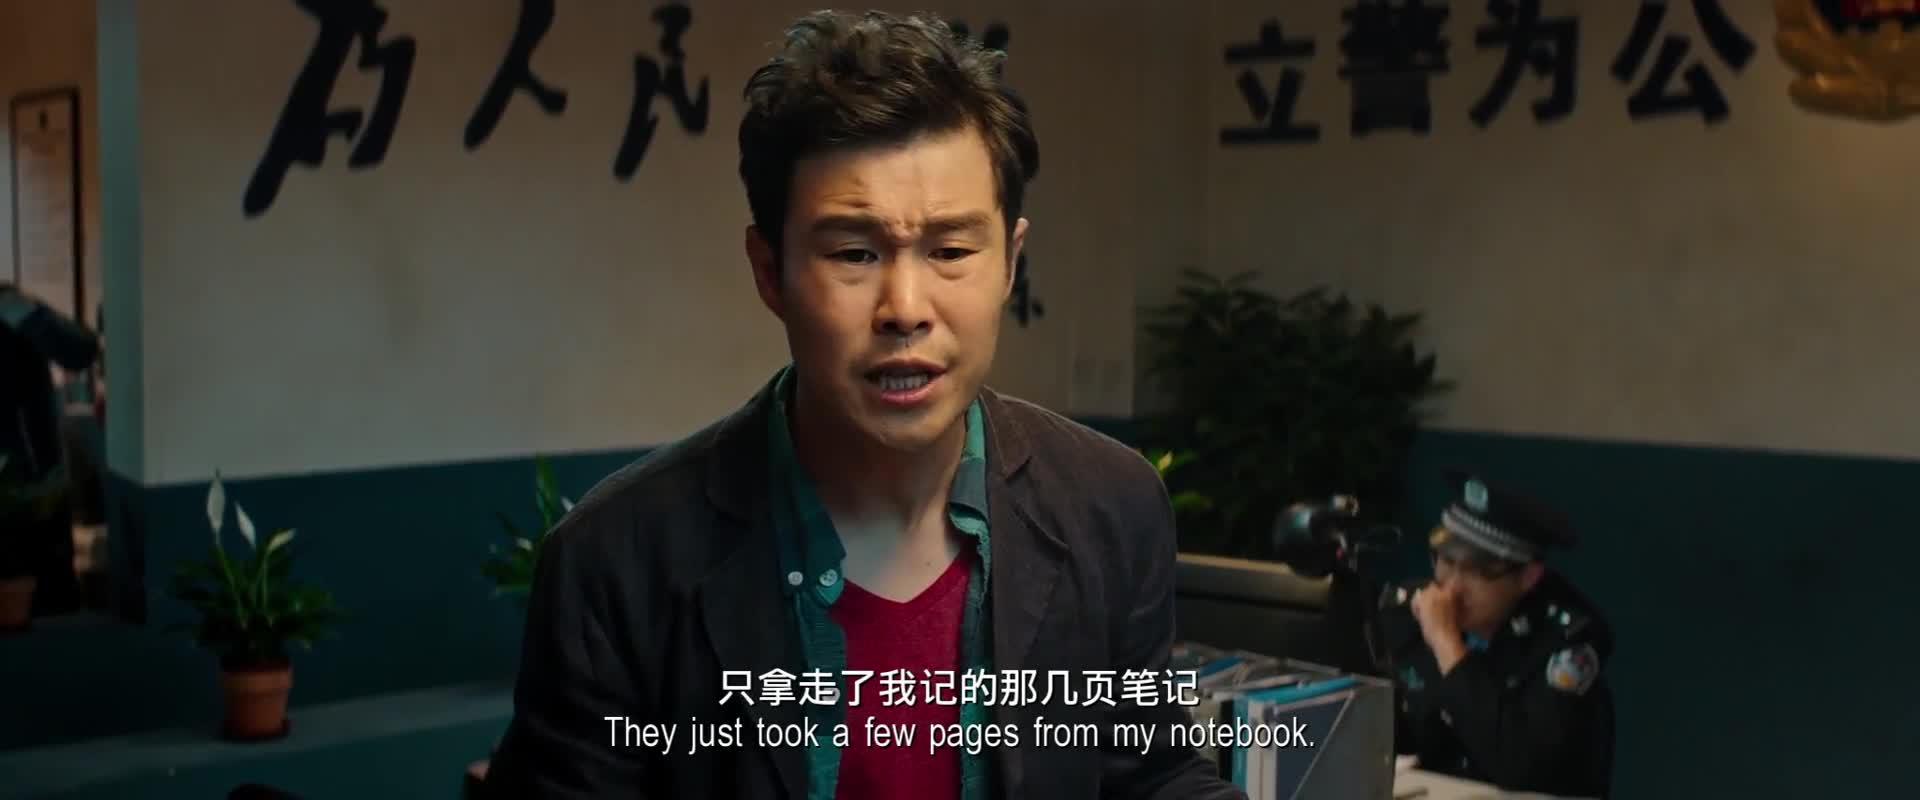 小沈阳报警说绑匪原因,警察爆笑